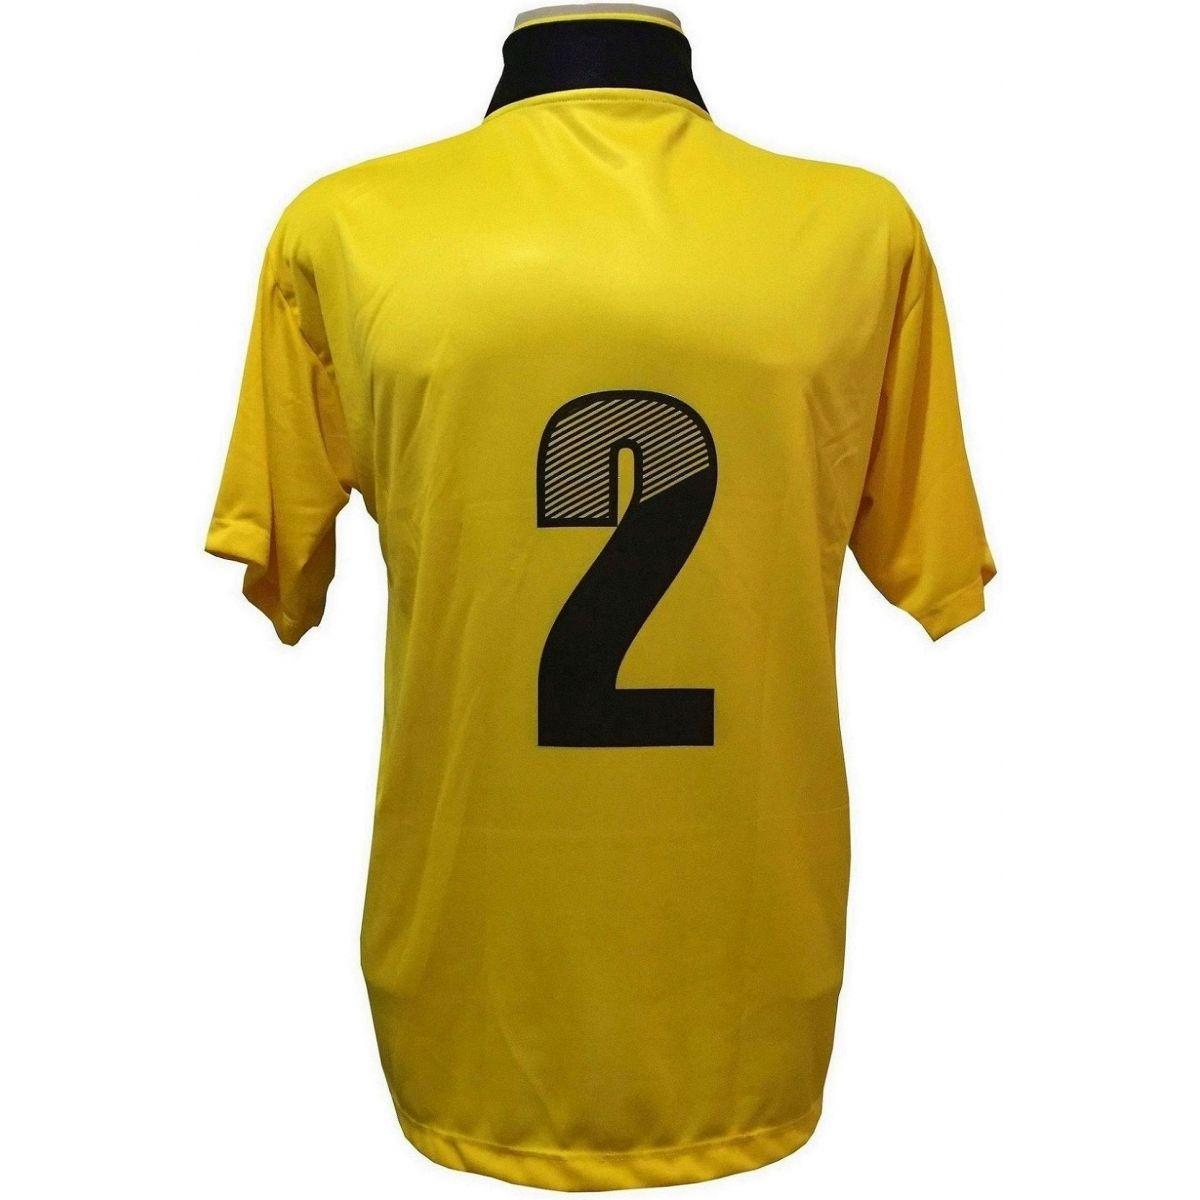 Uniforme Esportivo com 14 camisas modelo Suécia Amarelo/Preto + 14 calções modelo Copa + 1 Goleiro + Brindes